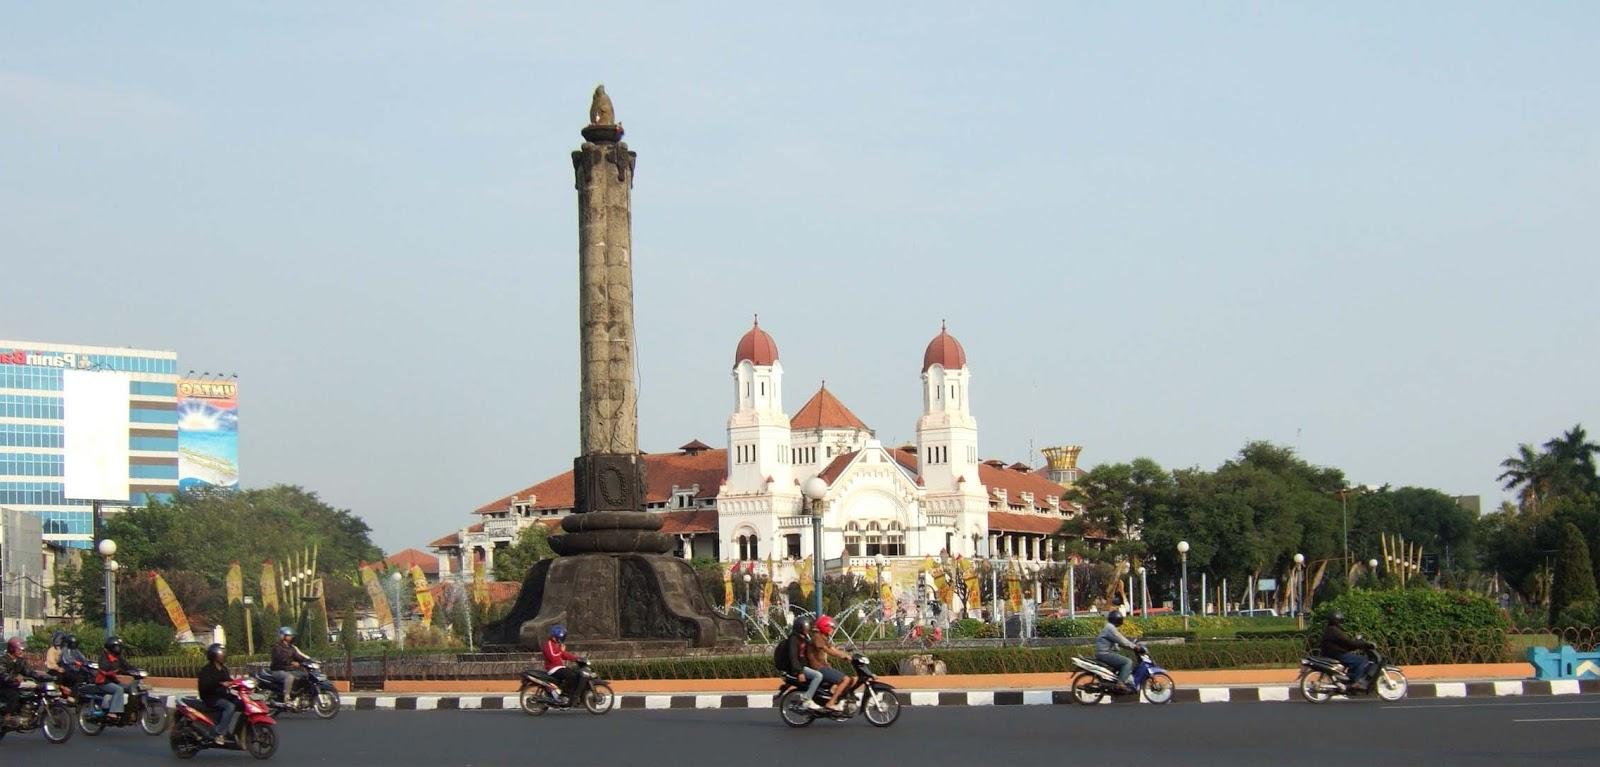 Hotel Yonanda Semarang Berada Di Kawasan Yang Cukup Strategis Yaitu Dekat Dengan Tempat Wisata Bandungan Alamat Lengkap Ini Adalah Jalan Raya